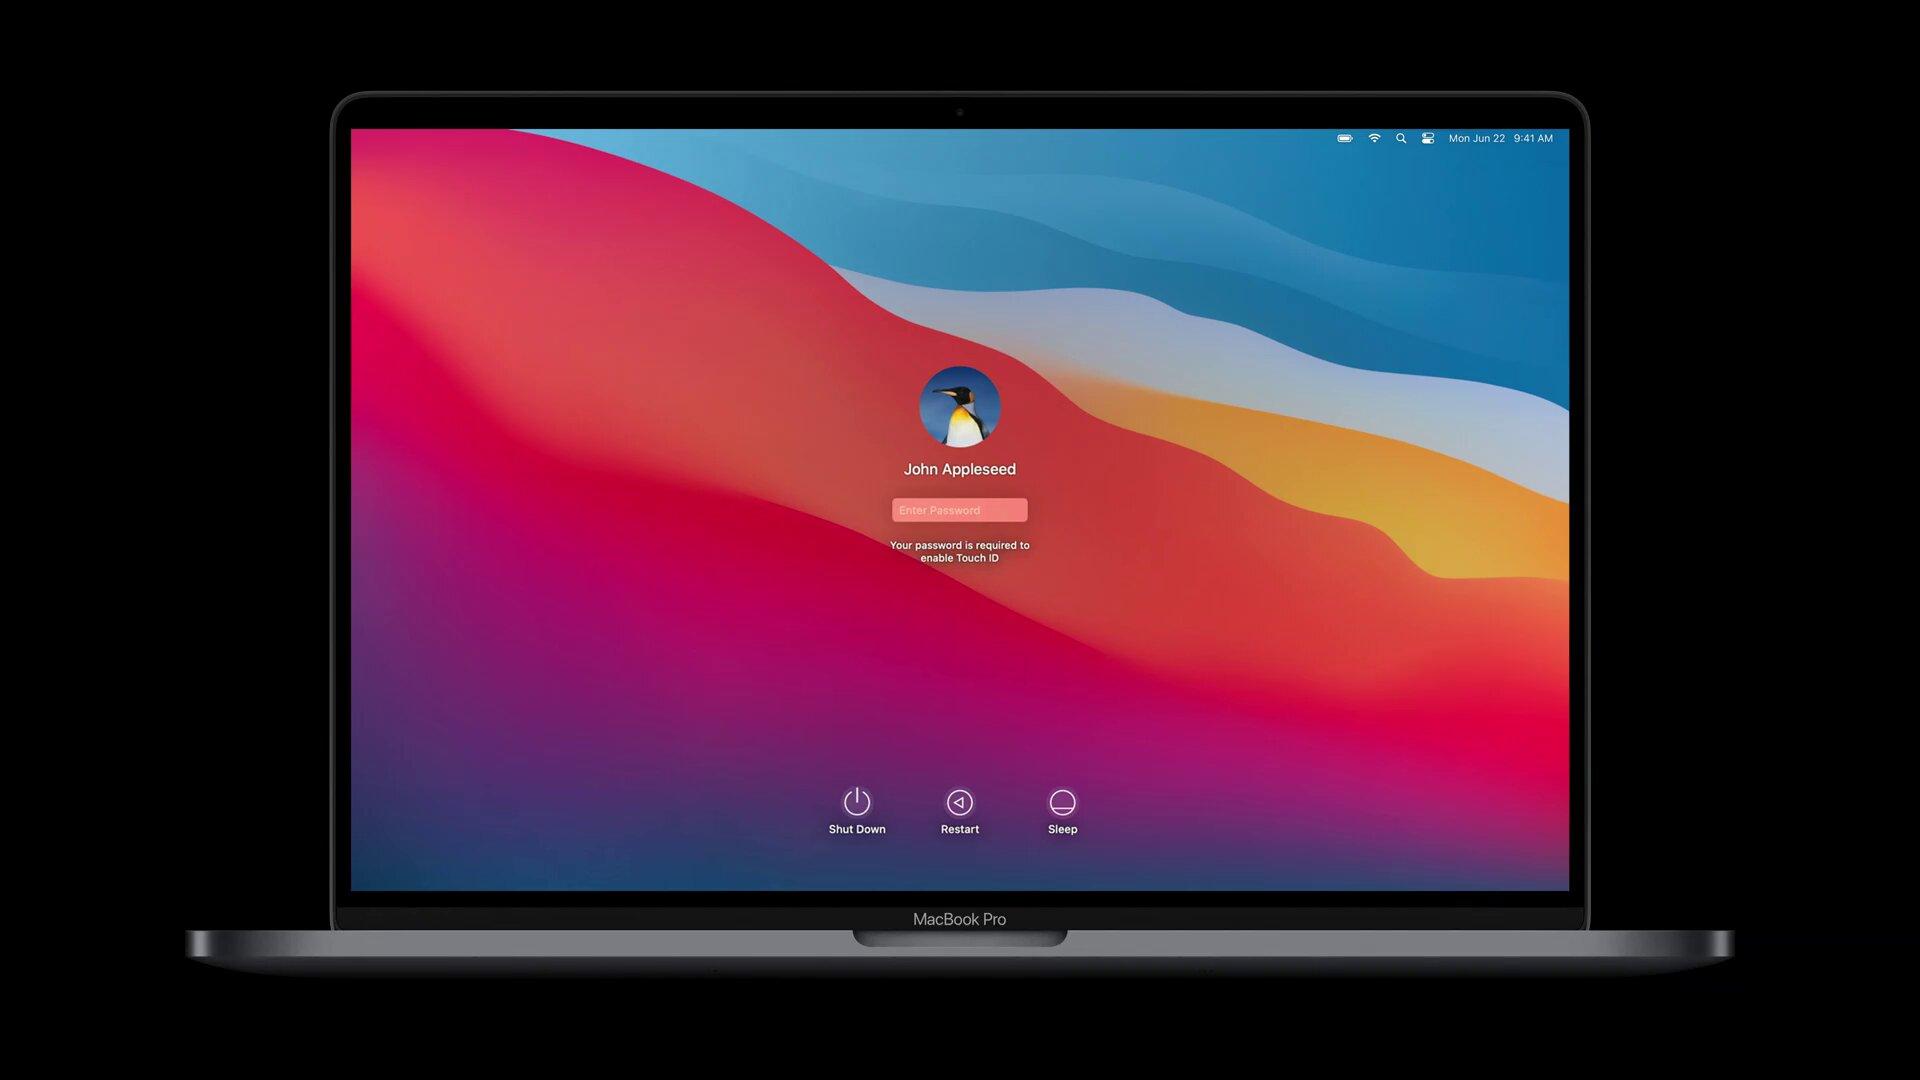 Der neue Login auf einem Apple-Silicon-Mac